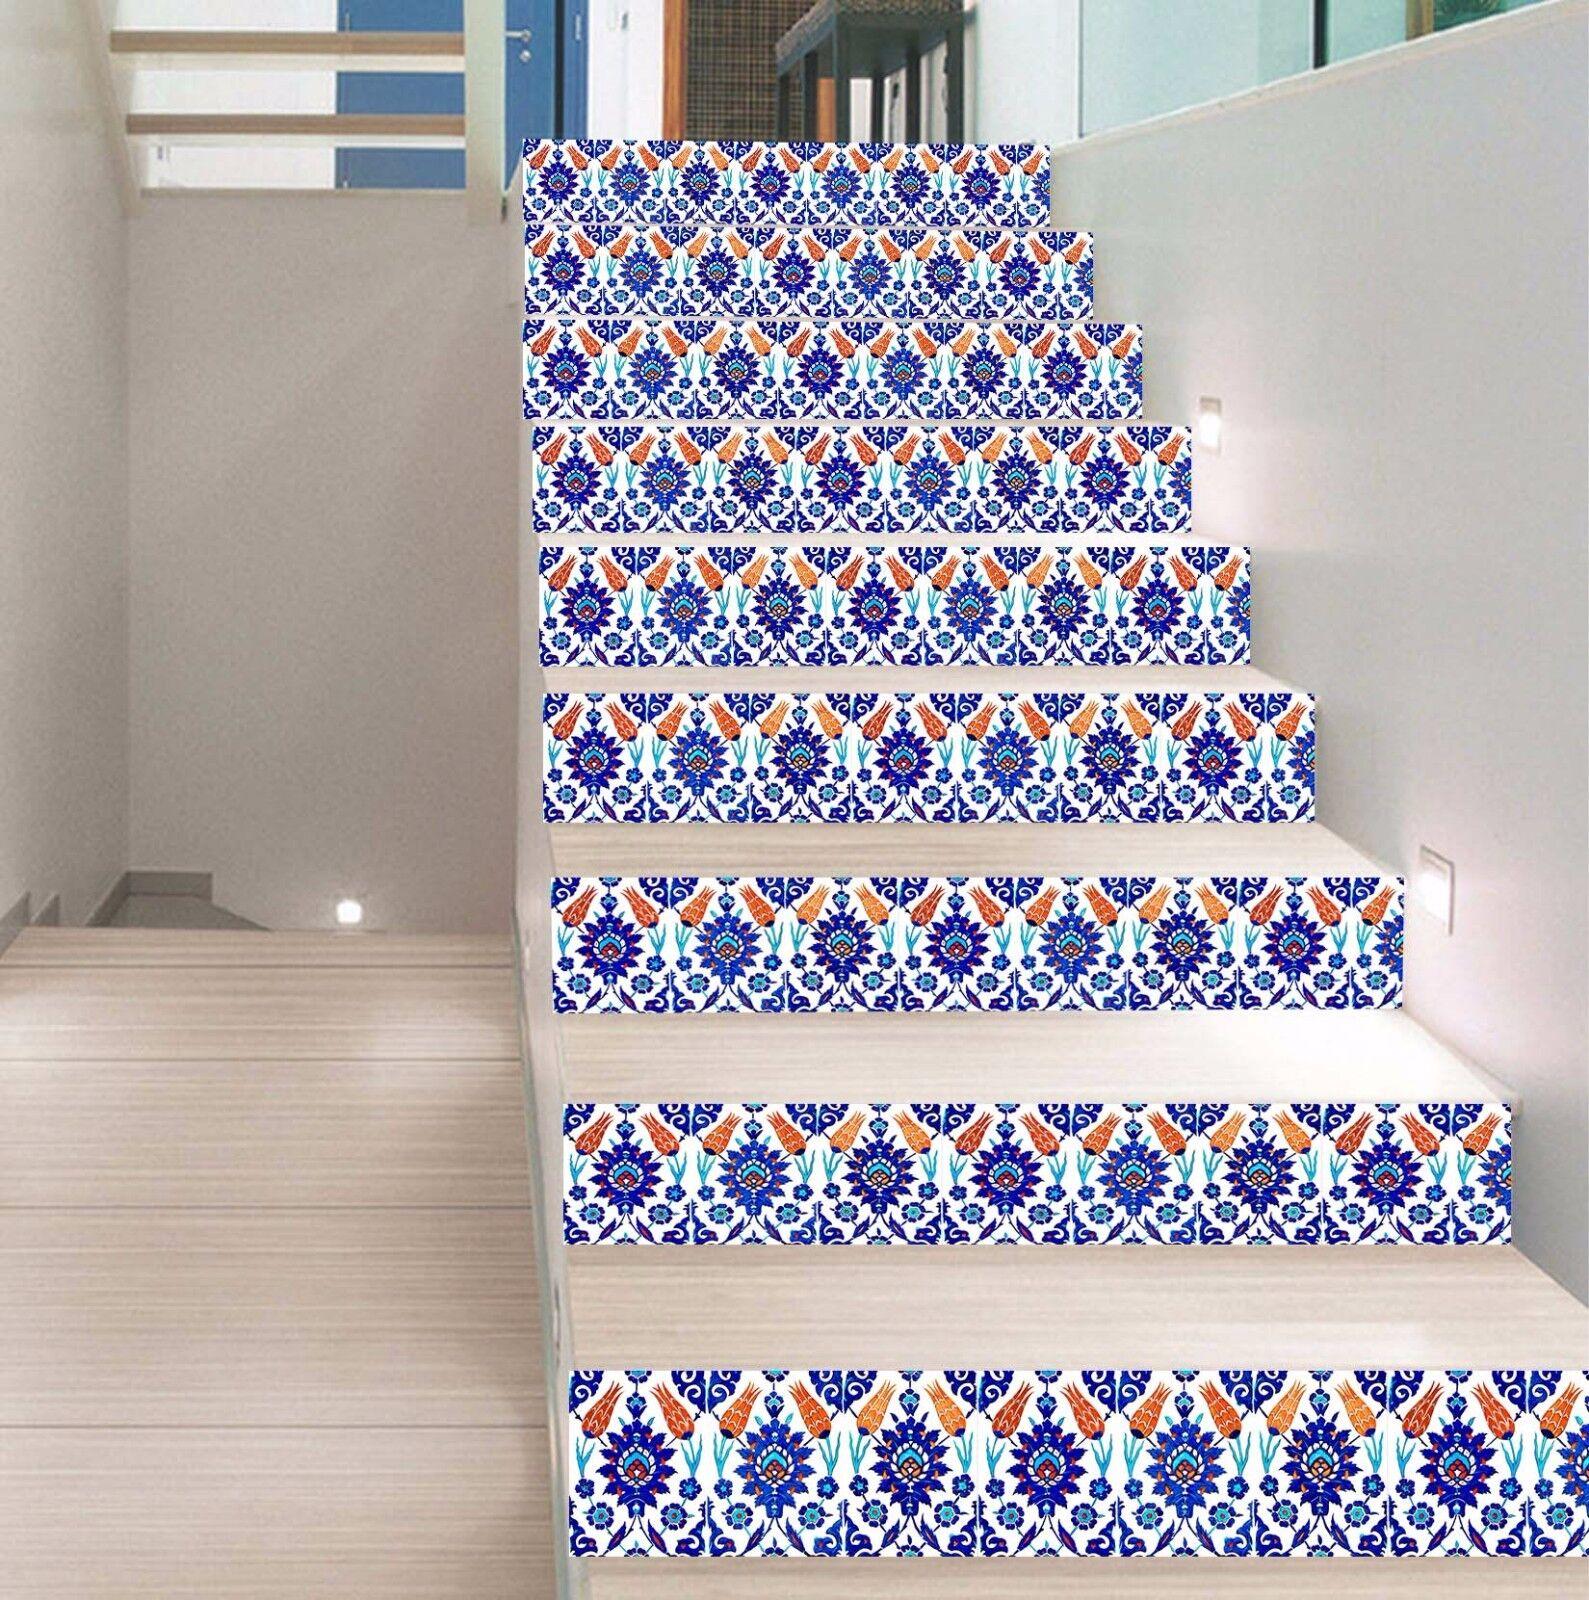 3D Muster 46 Stair Risers Dekoration Fototapete Vinyl Aufkleber Tapete DE Lemon